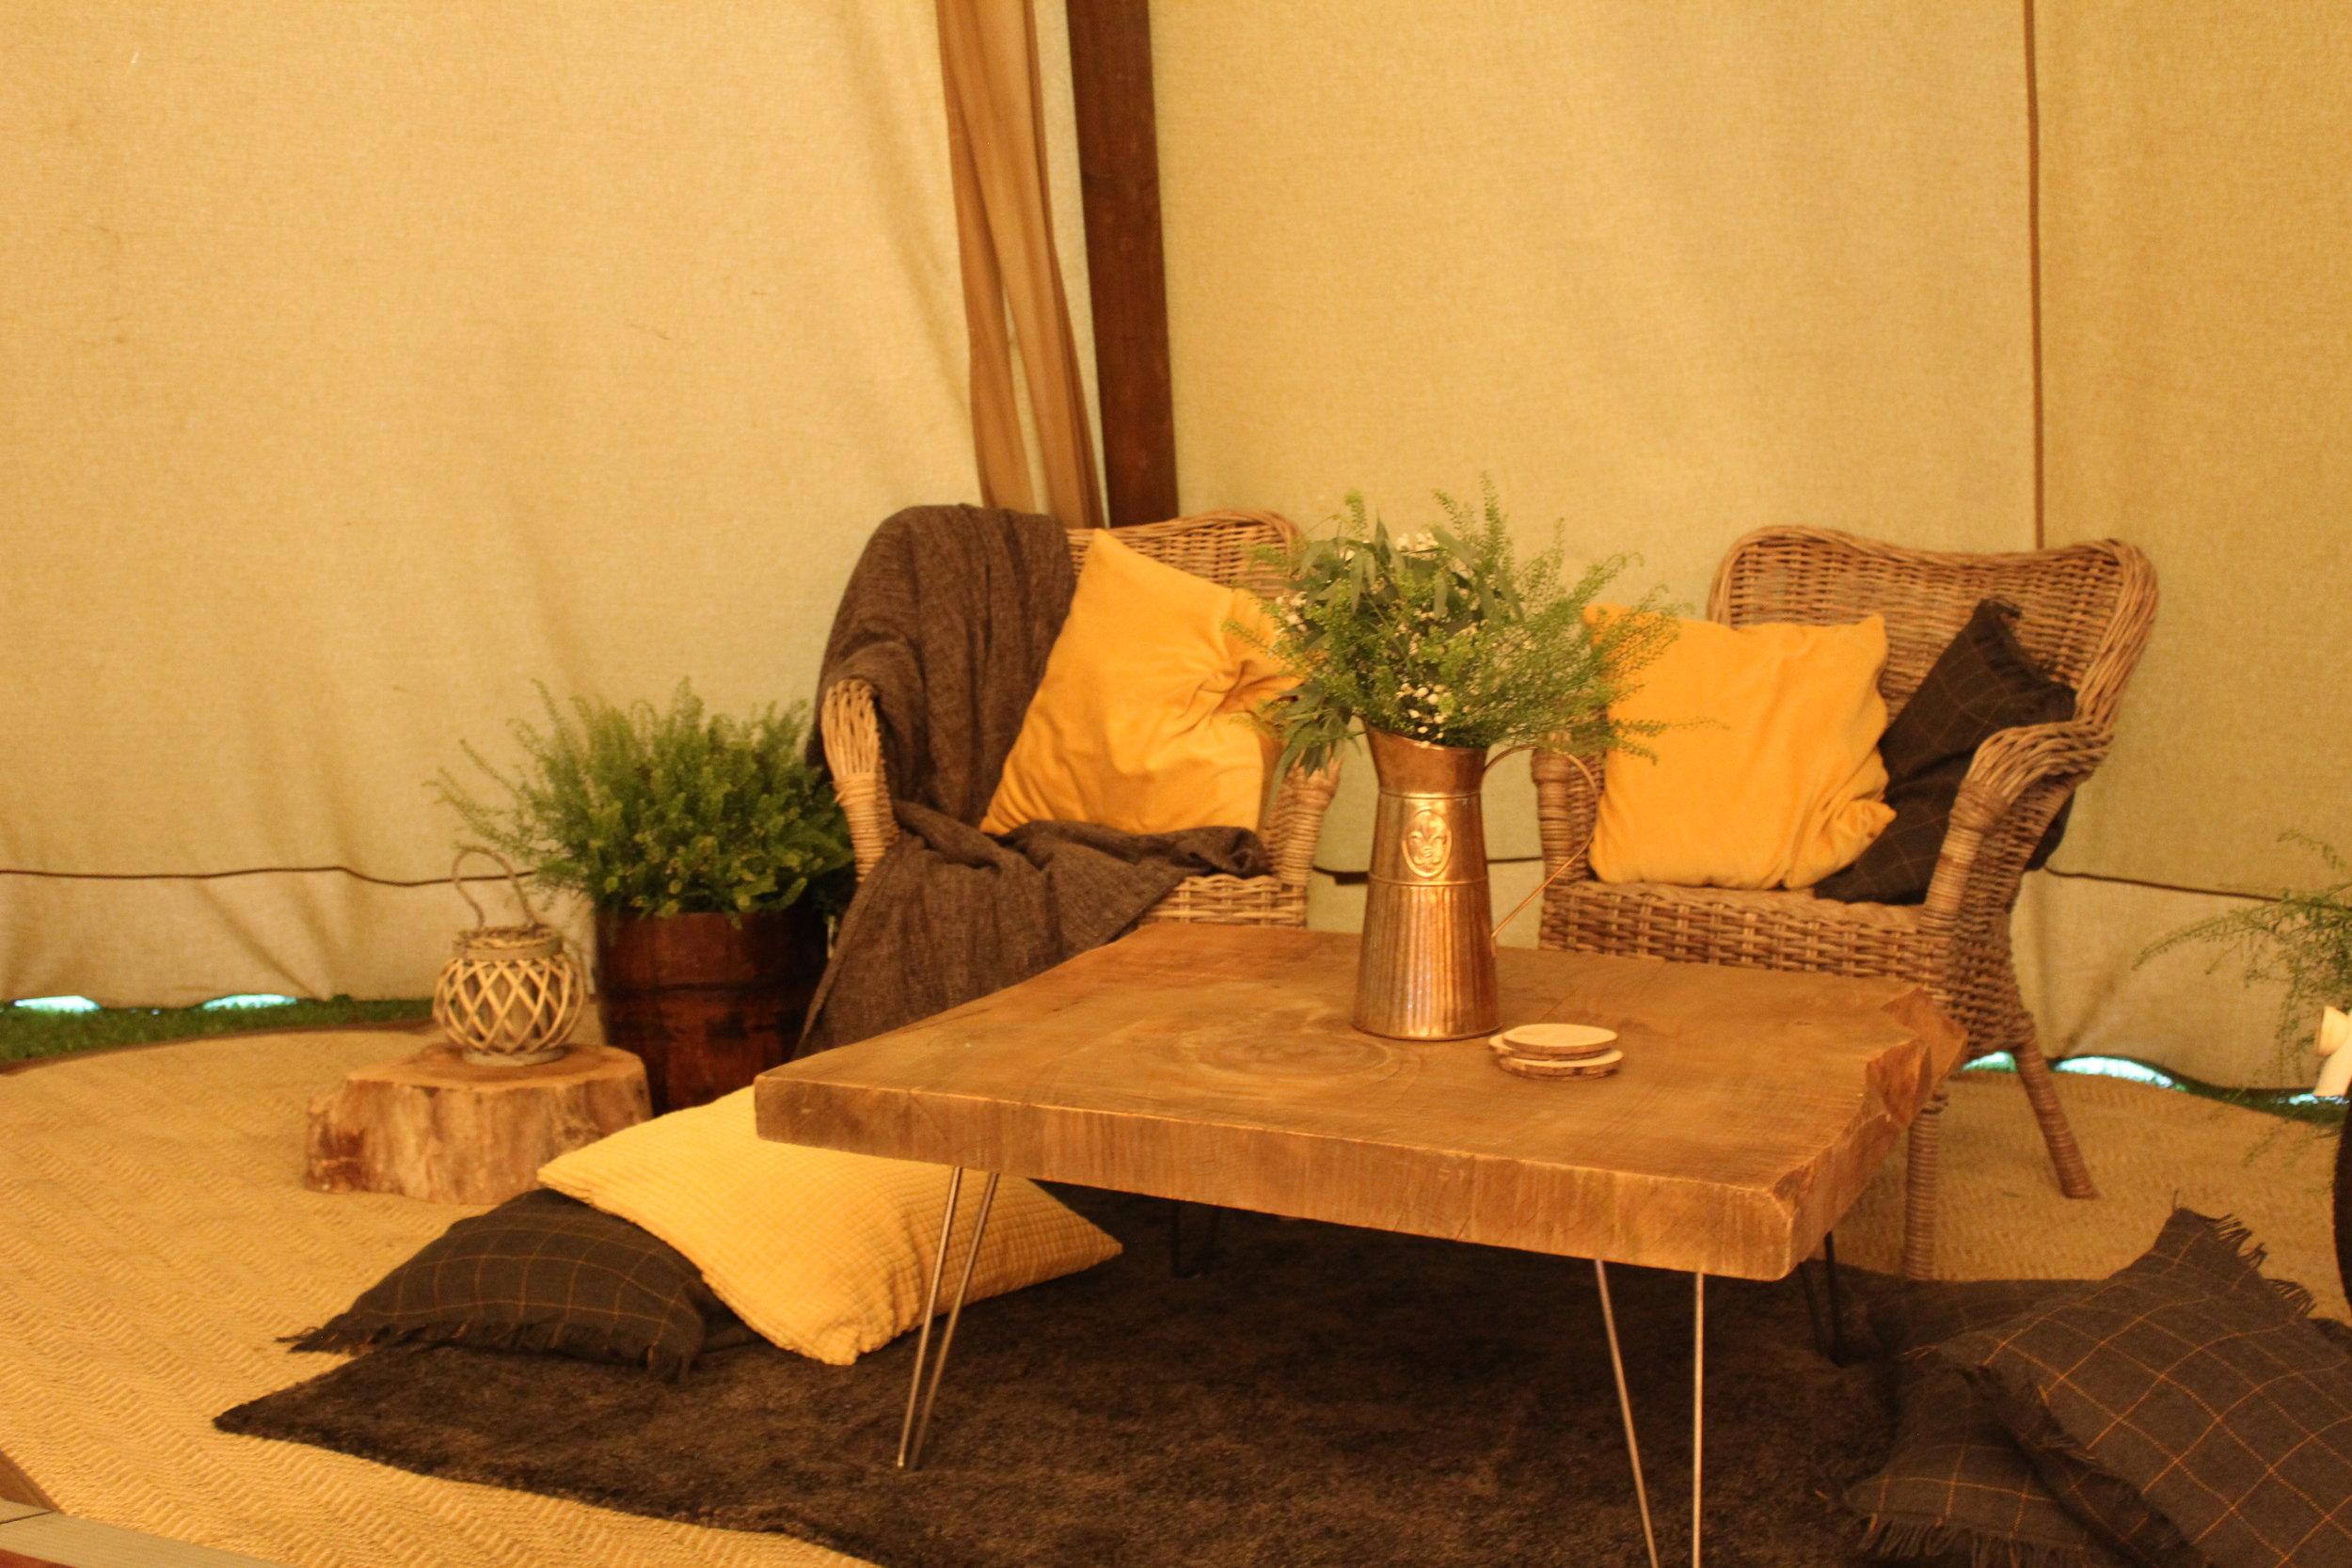 - Wicker armchairsx2 £20 each